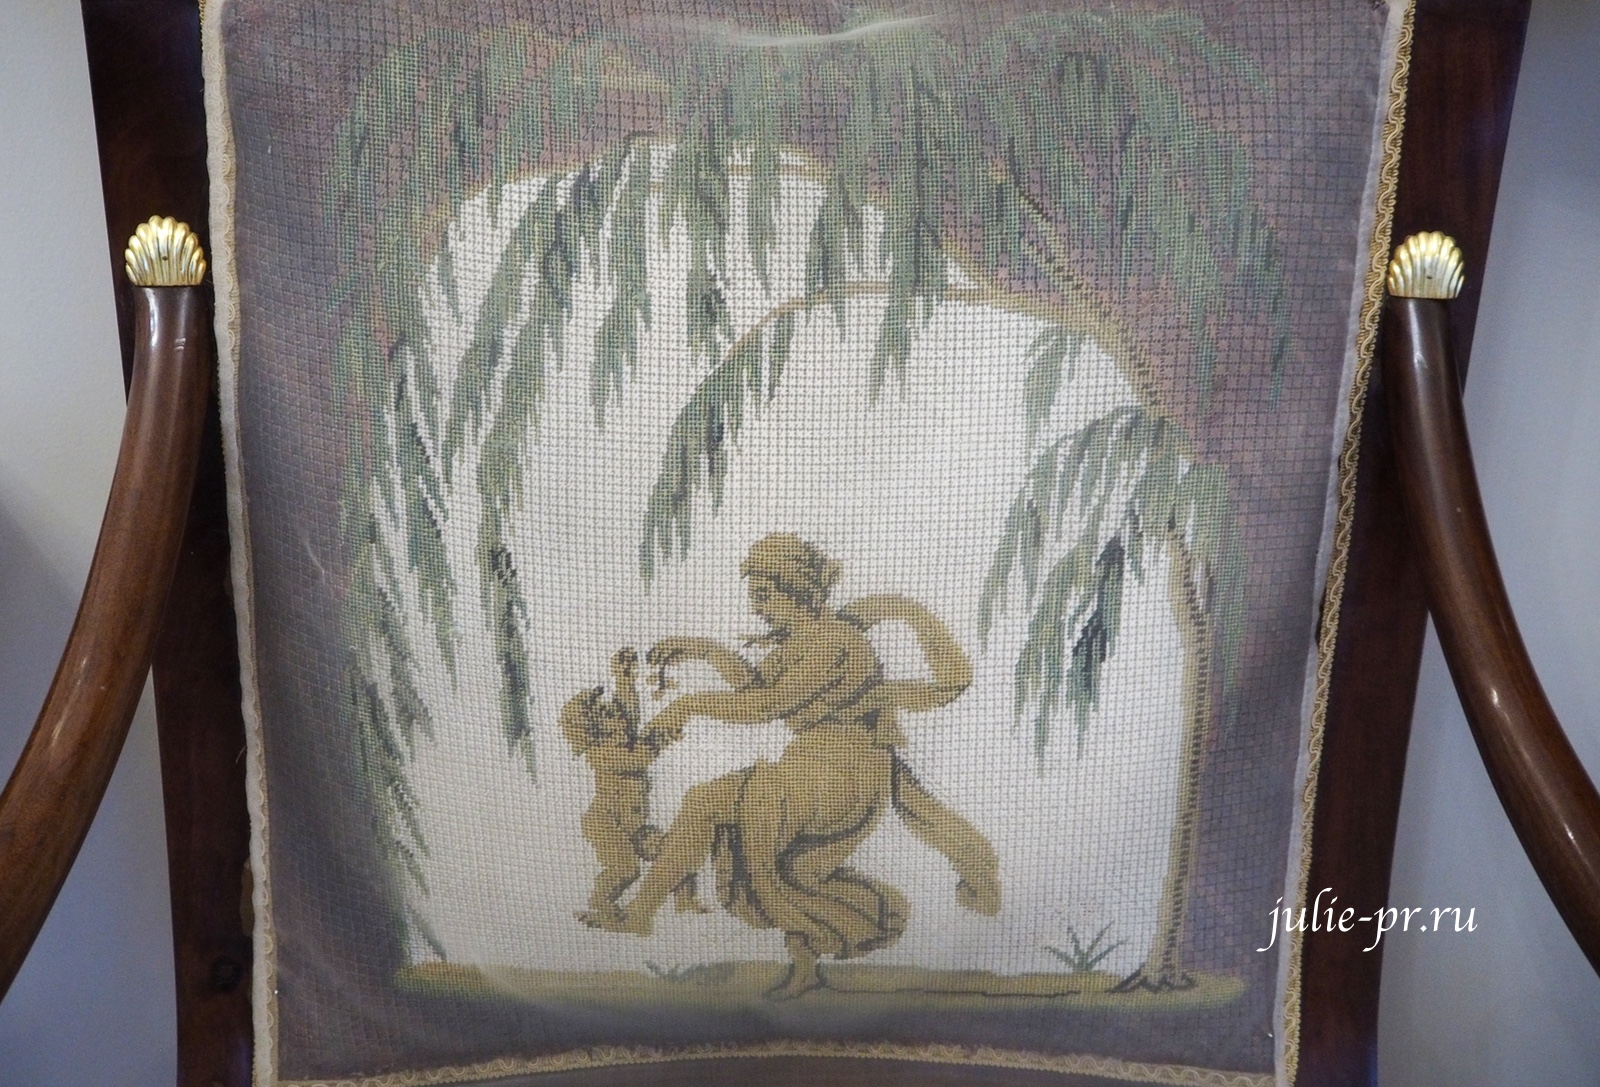 музей усадьба Г. Р. Державина, вышивка крестом, кресло с вышивкой